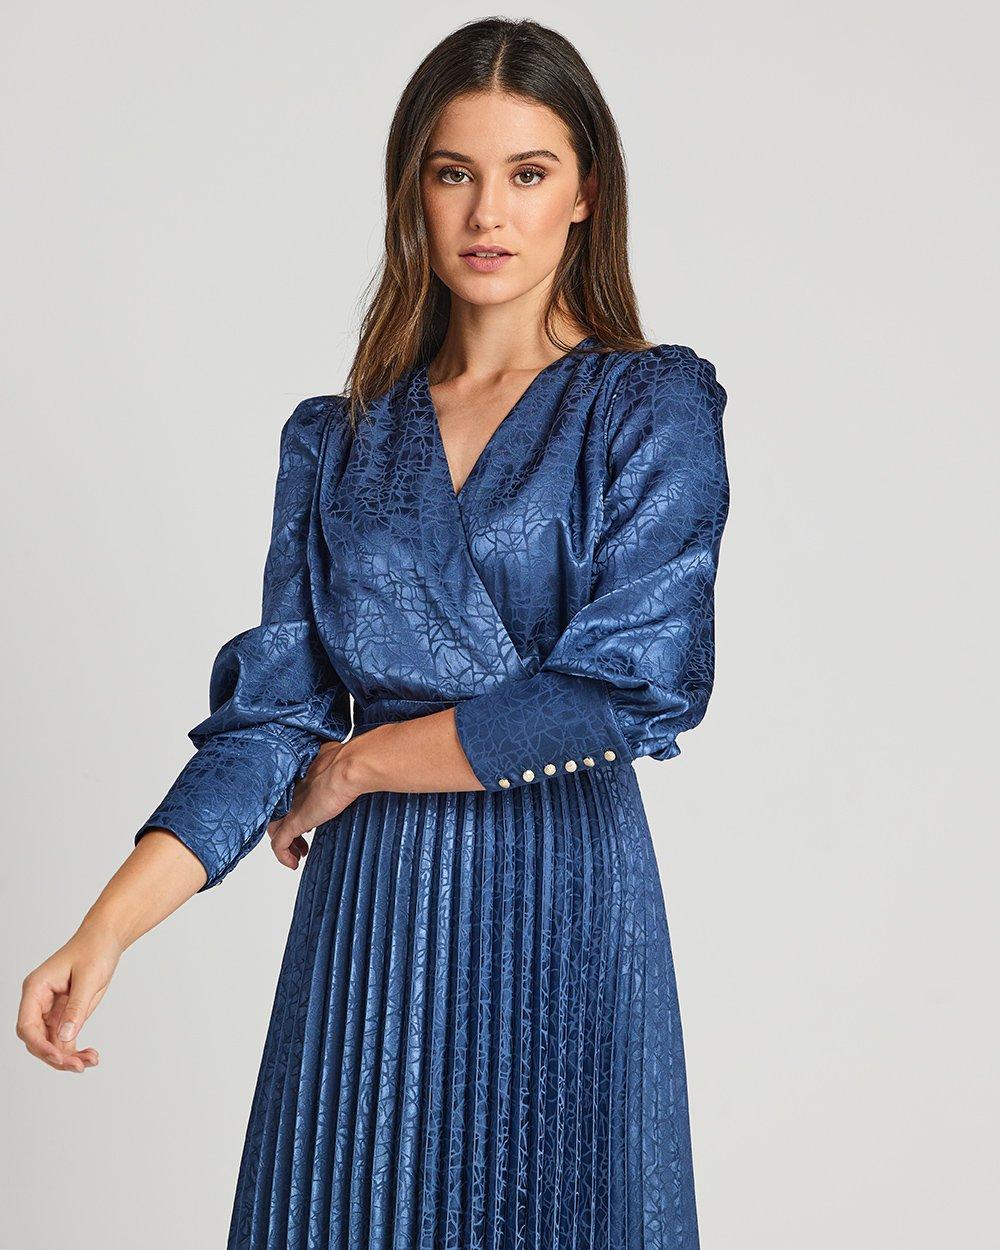 Φόρεμα κρουαζέ με πλισέ φούστα και ζώνη